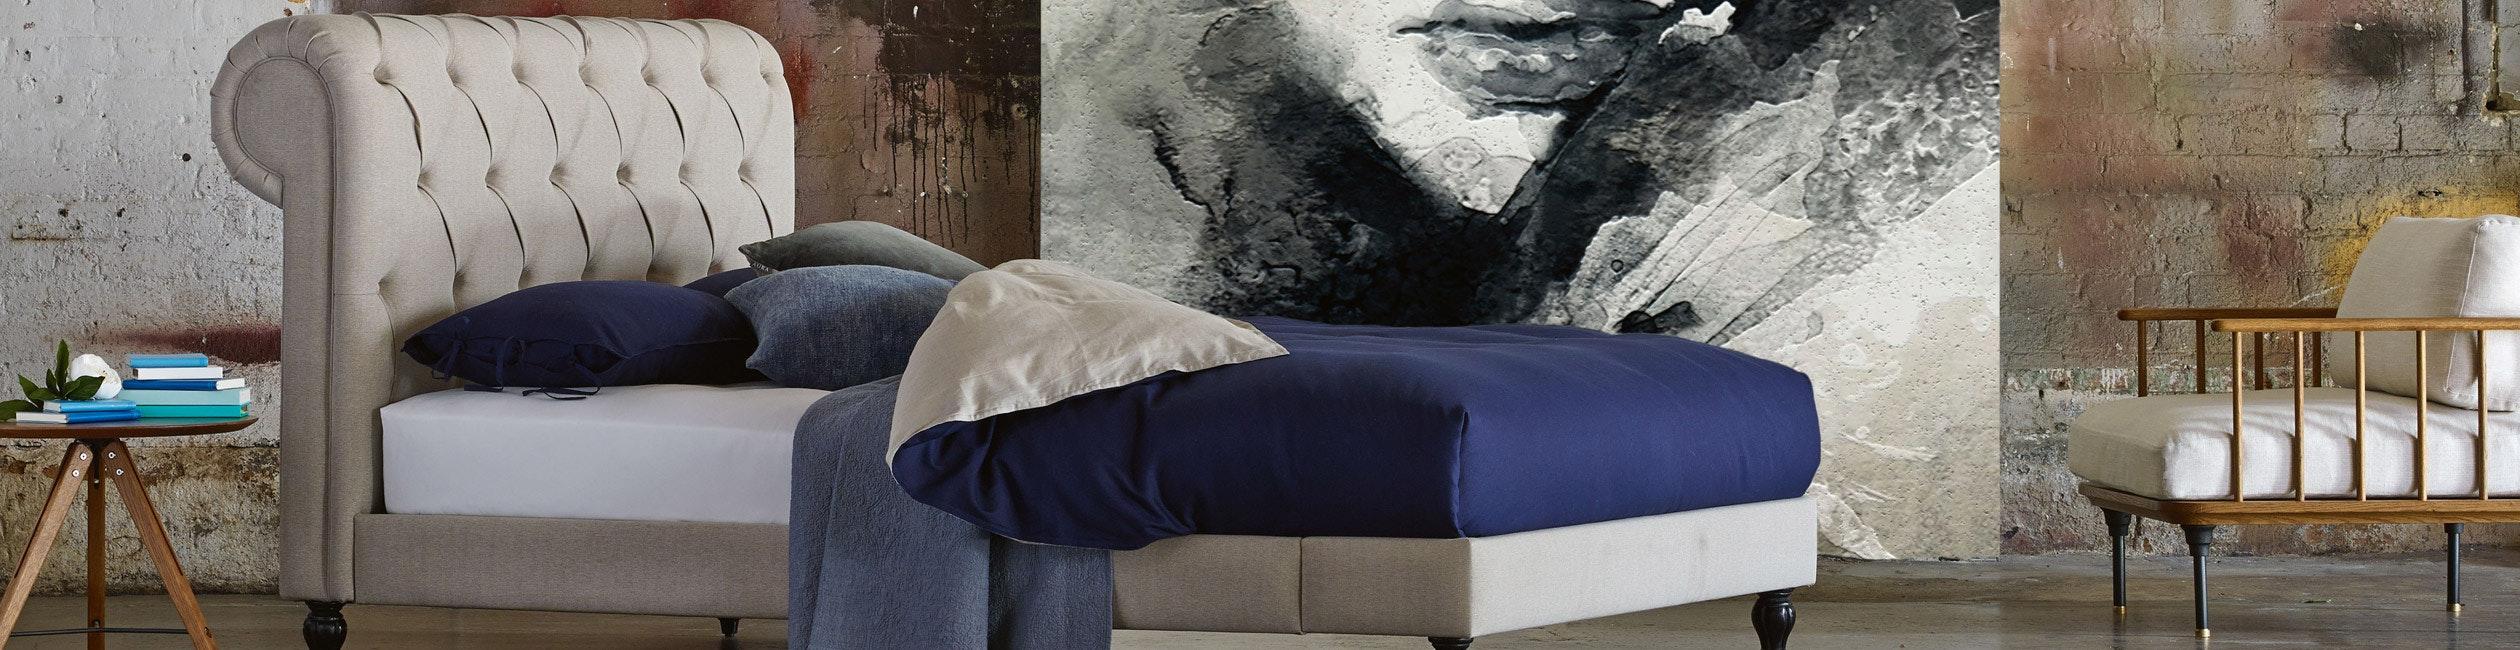 bed room furniture images. Bedroom Bed Room Furniture Images